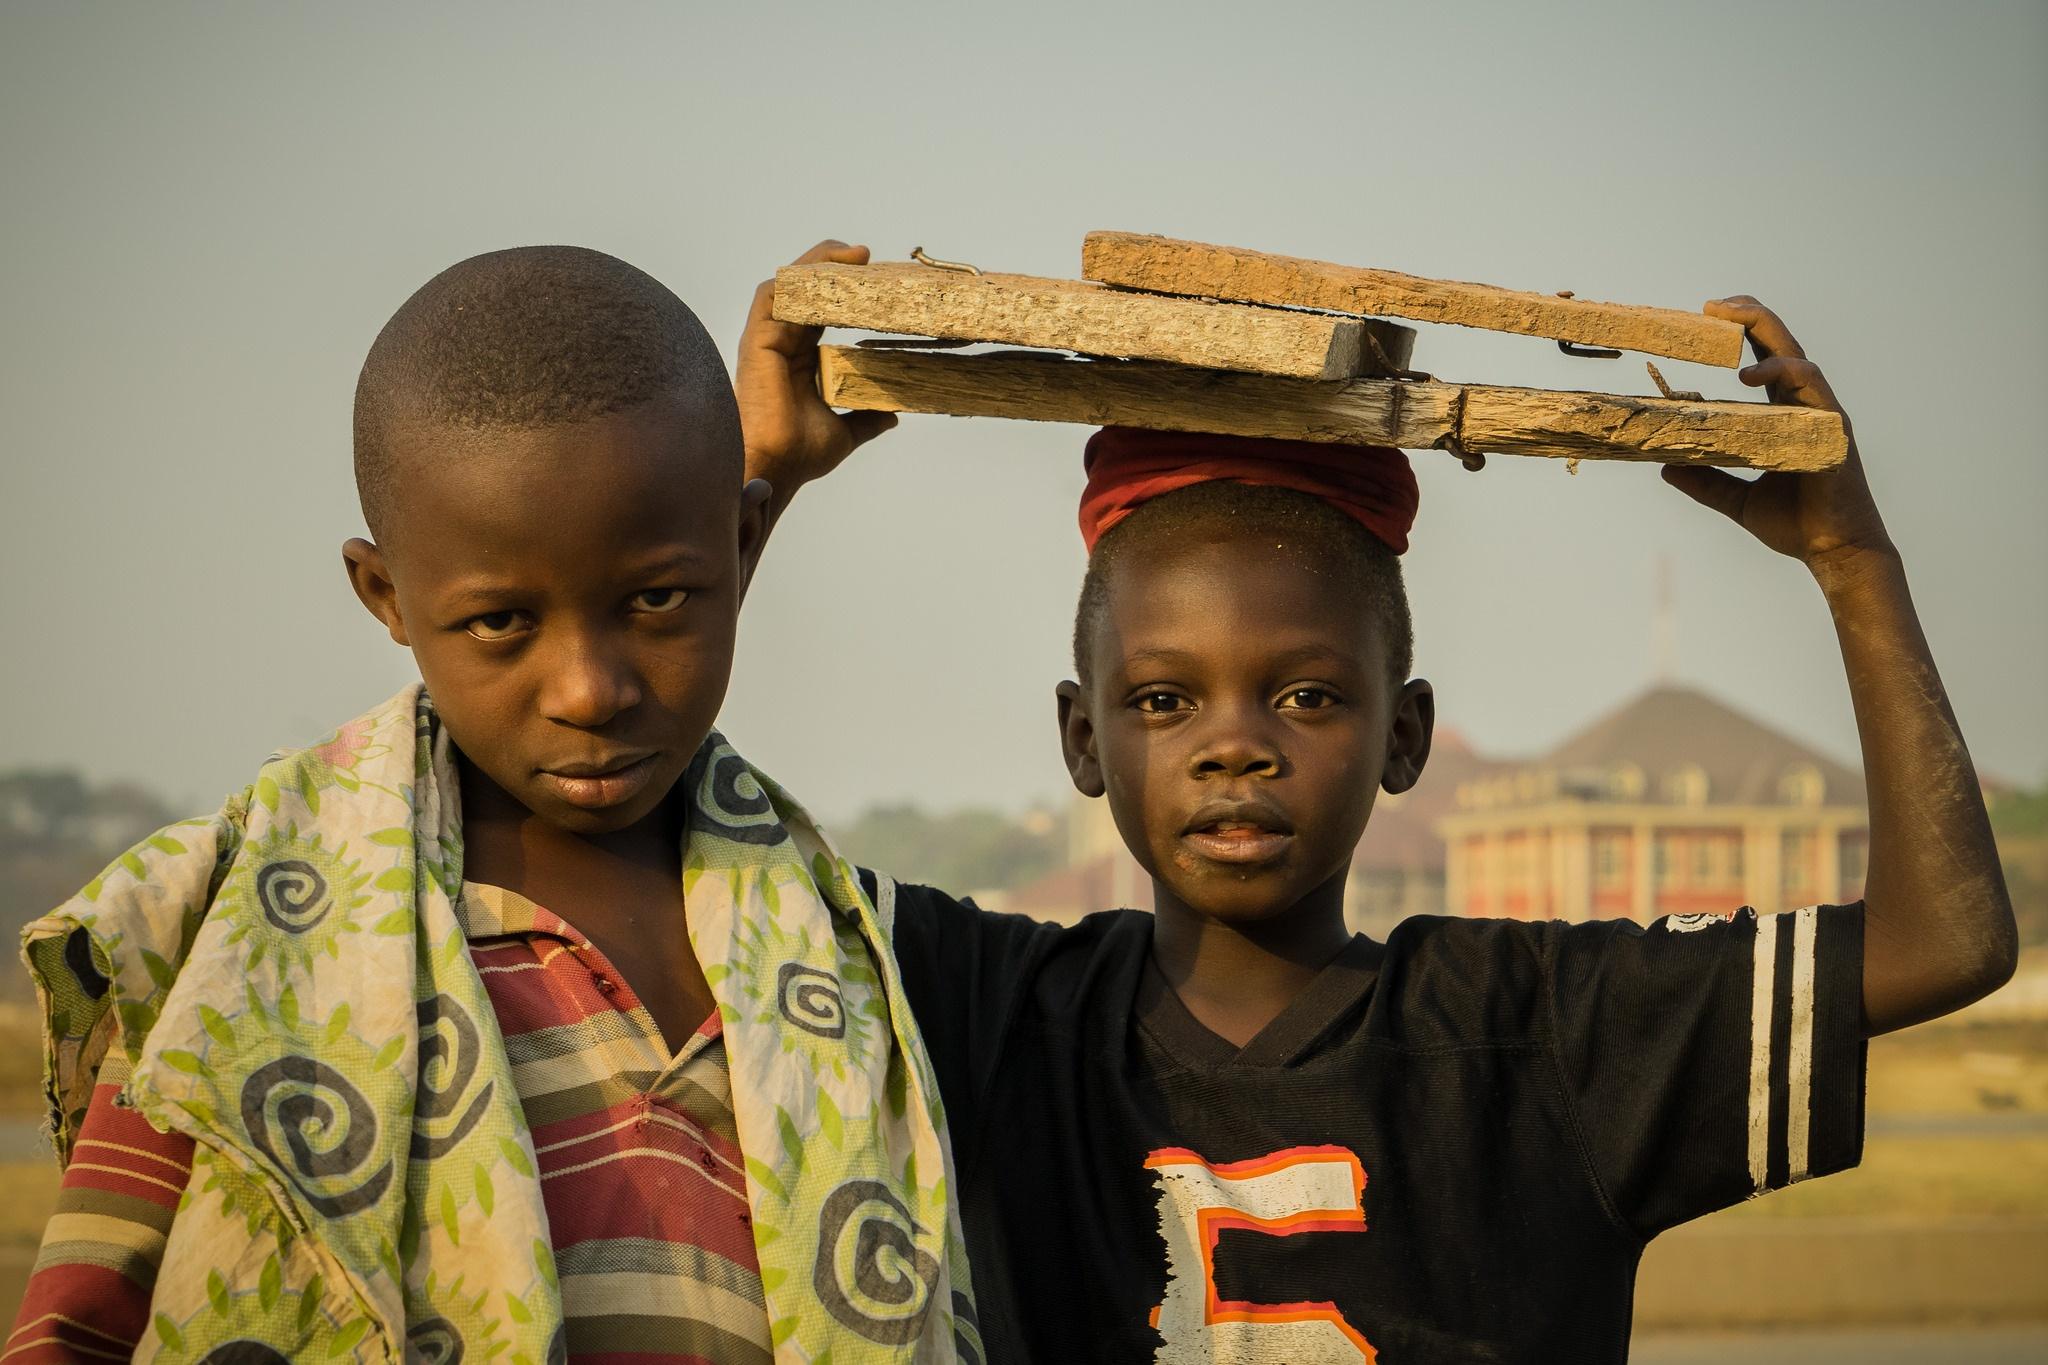 young Nigerian boys